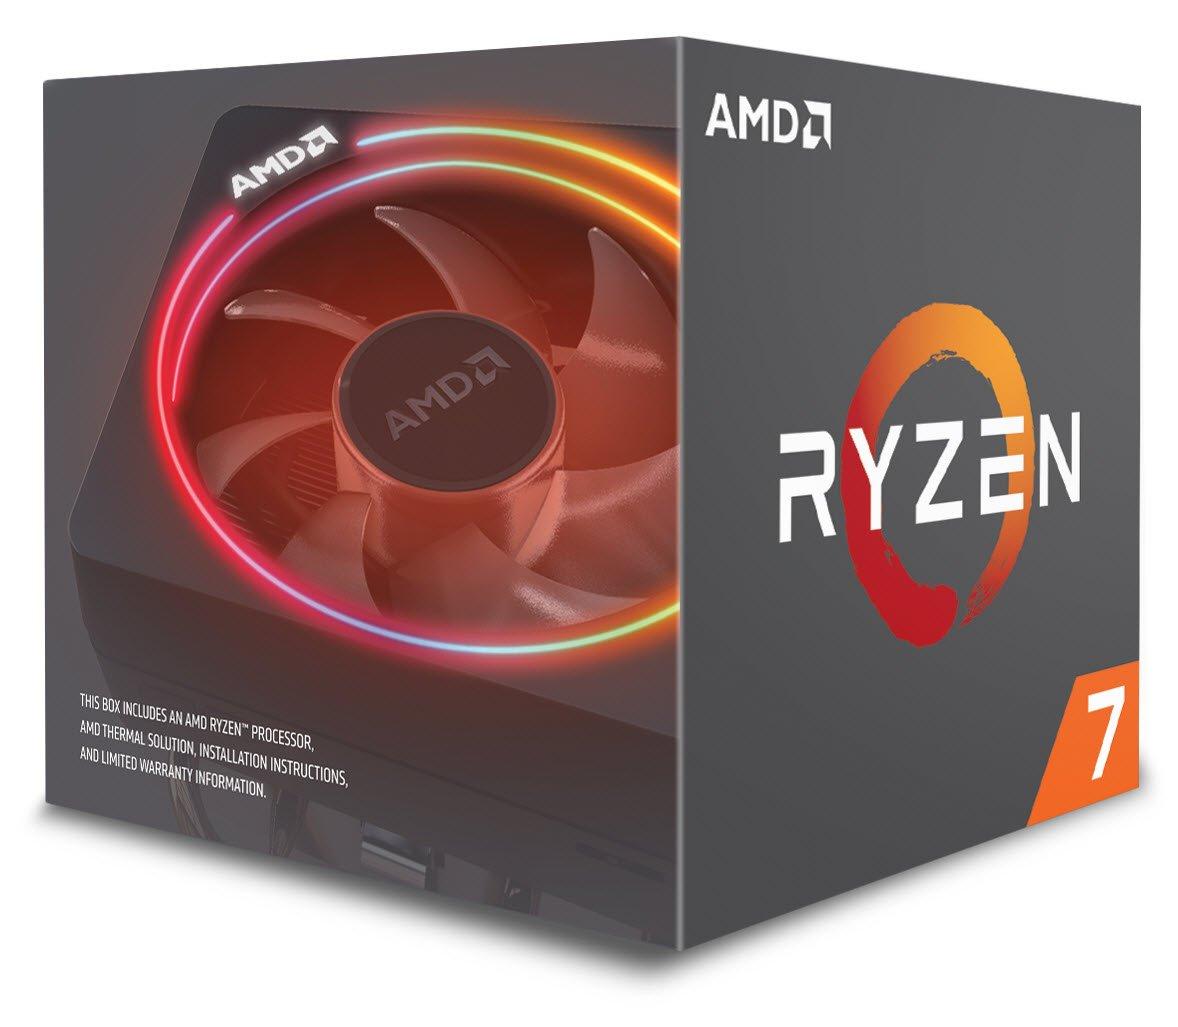 61IsA3O32GL - AMD YD270XBGAFBOX Processore per Desktop PC, Argento